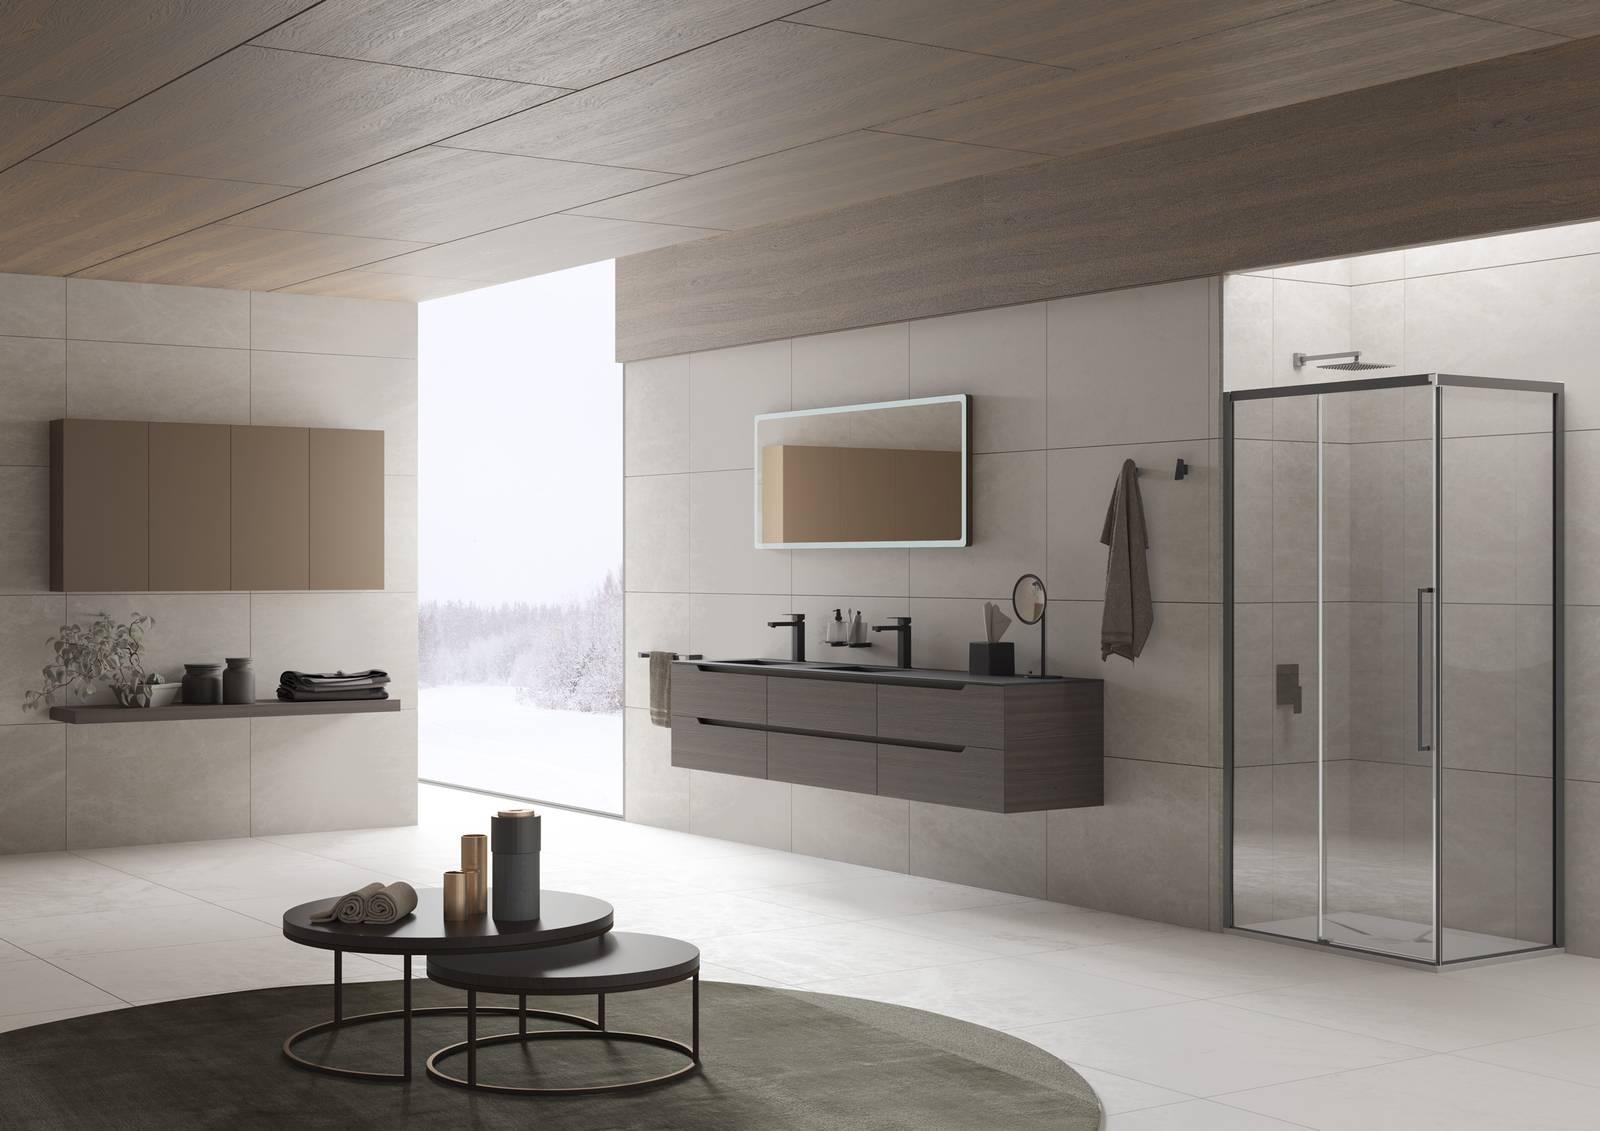 Creare il proprio spazio inda presenta i nuovi mobili bagno 2018 cose di casa - Arredo bagno inda ...